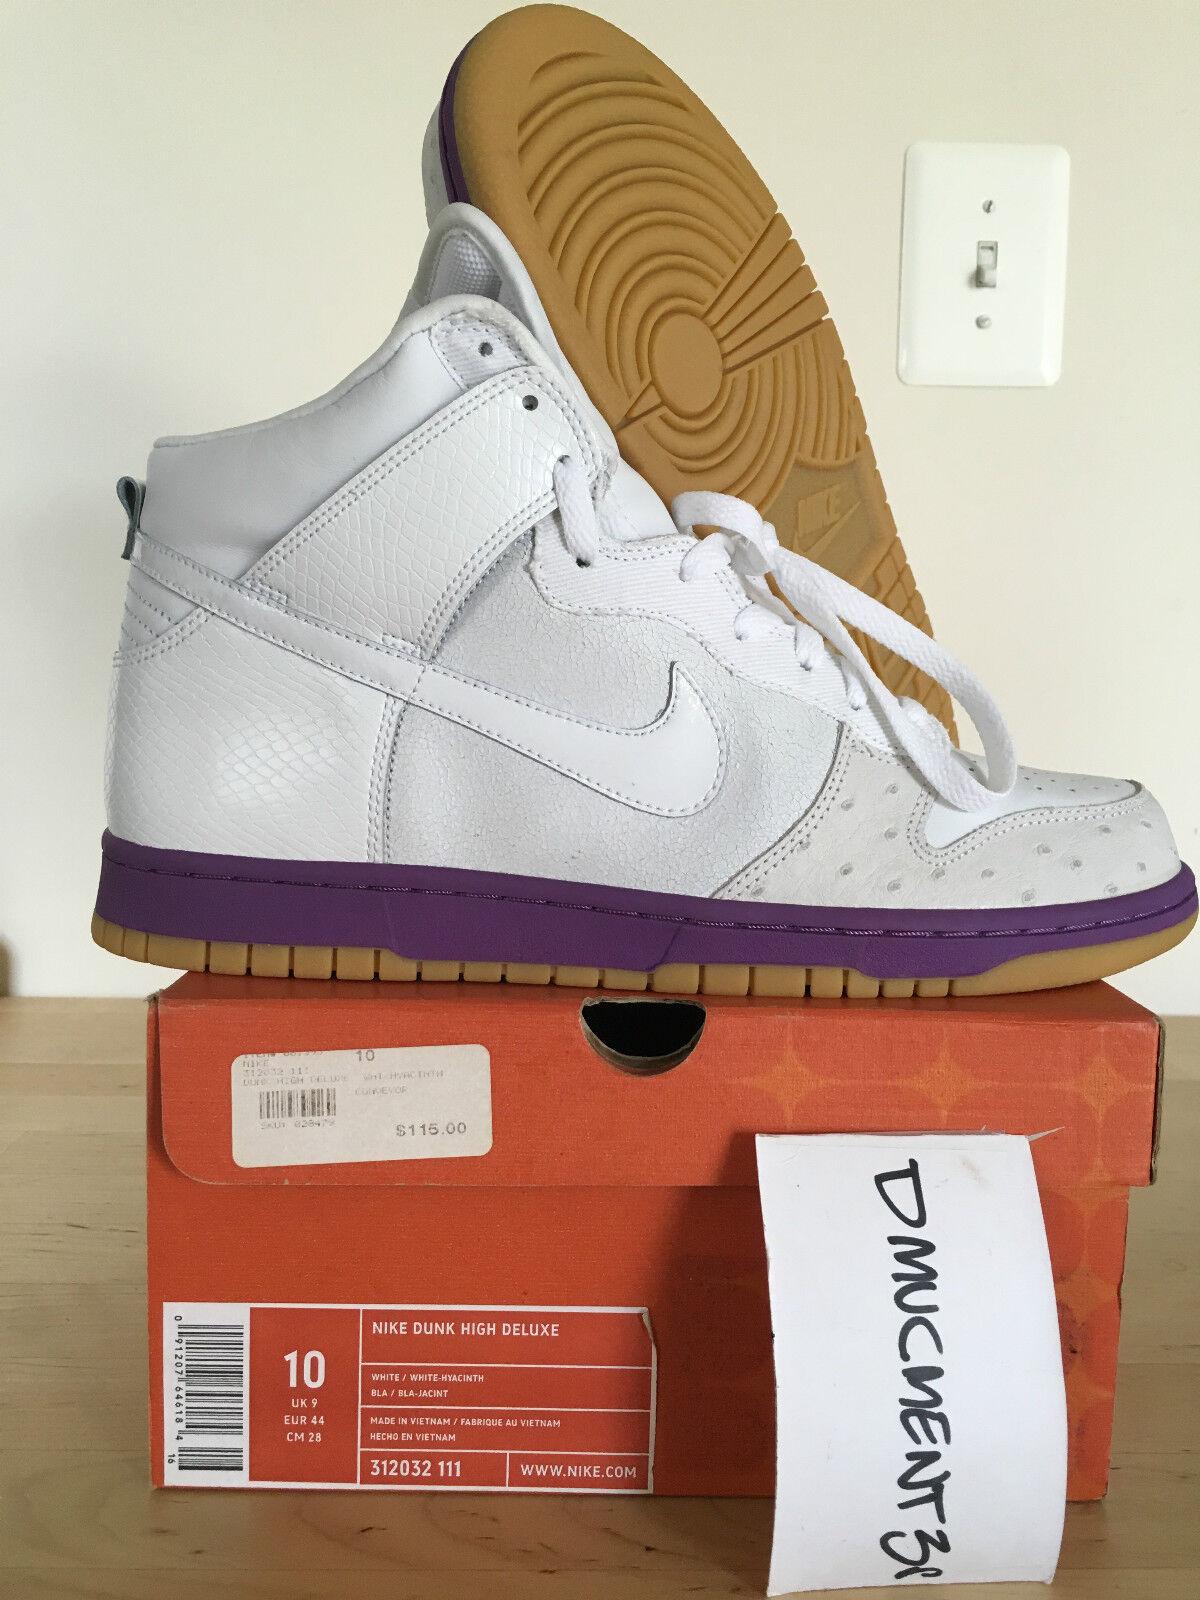 Nike Nike Nike Dunk High Deluxe Hyacinth / Avestruz 10 materialEl último descuento zapatos para hombres y mujeres a5707e